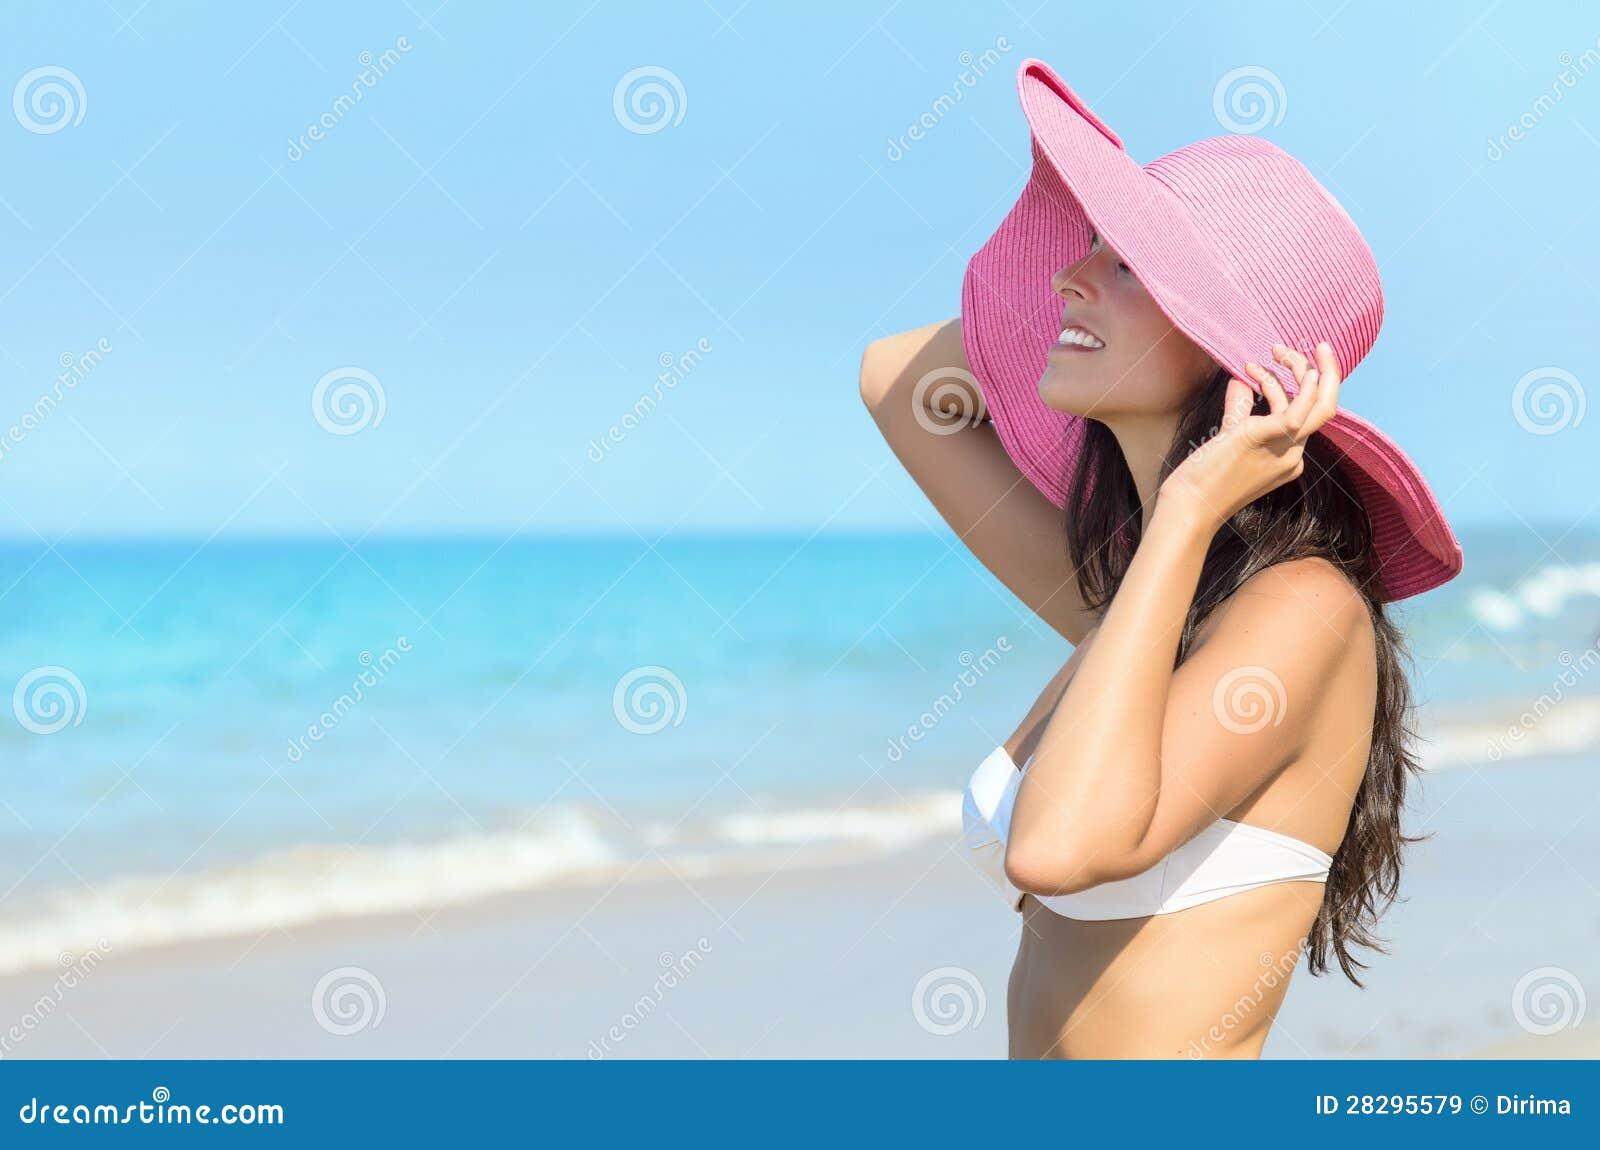 Les filles des plages pour nudistes VIDEO